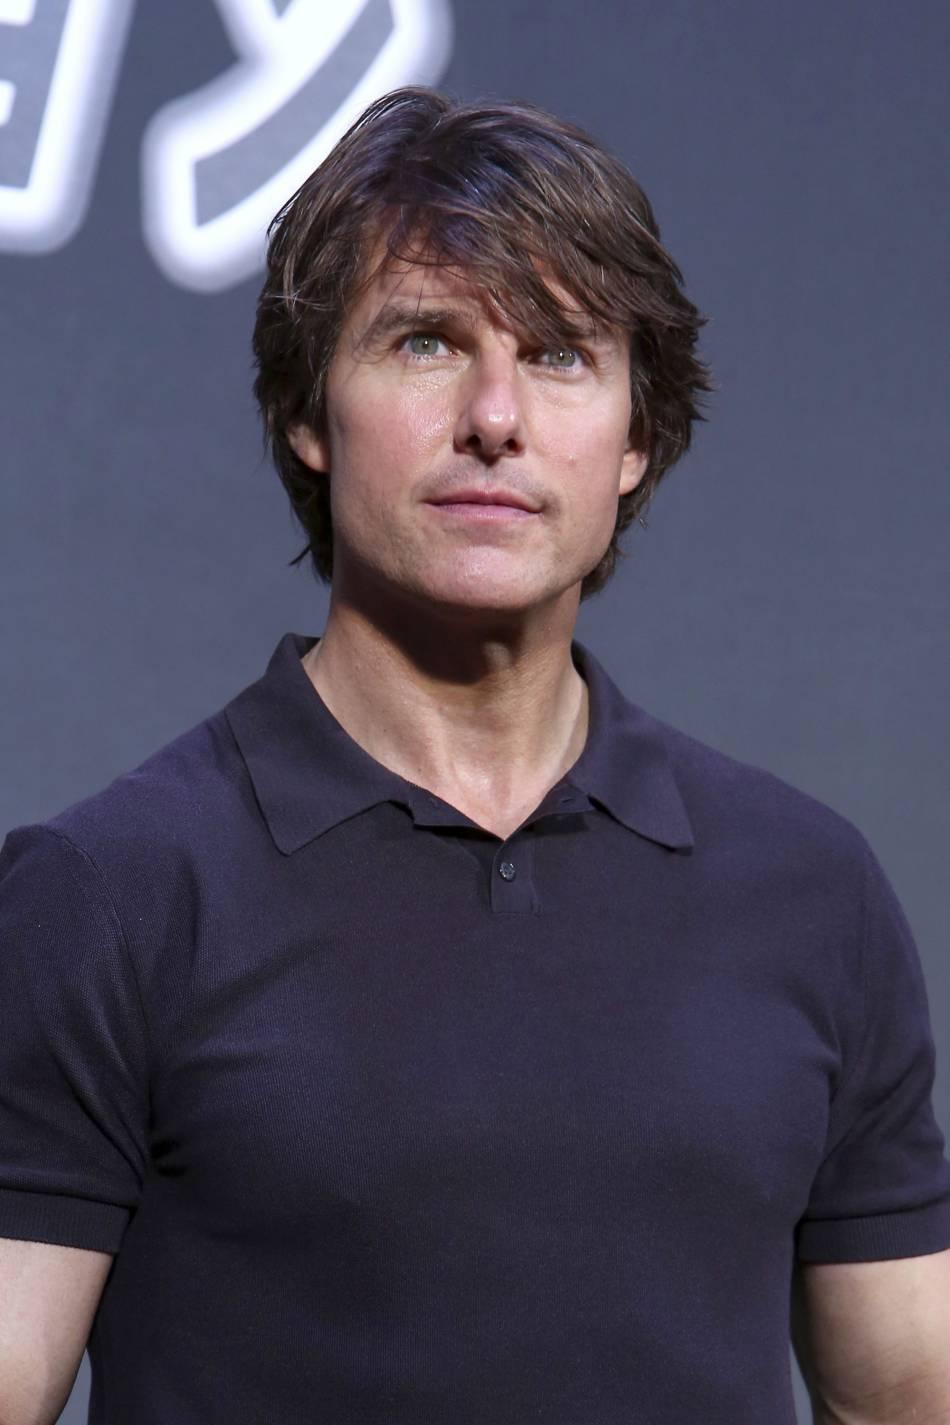 Depuis son divorce d'avec Katie Holmes, Tom Cruise enchaîne les films et n'a pas le temps de voir sa fille.